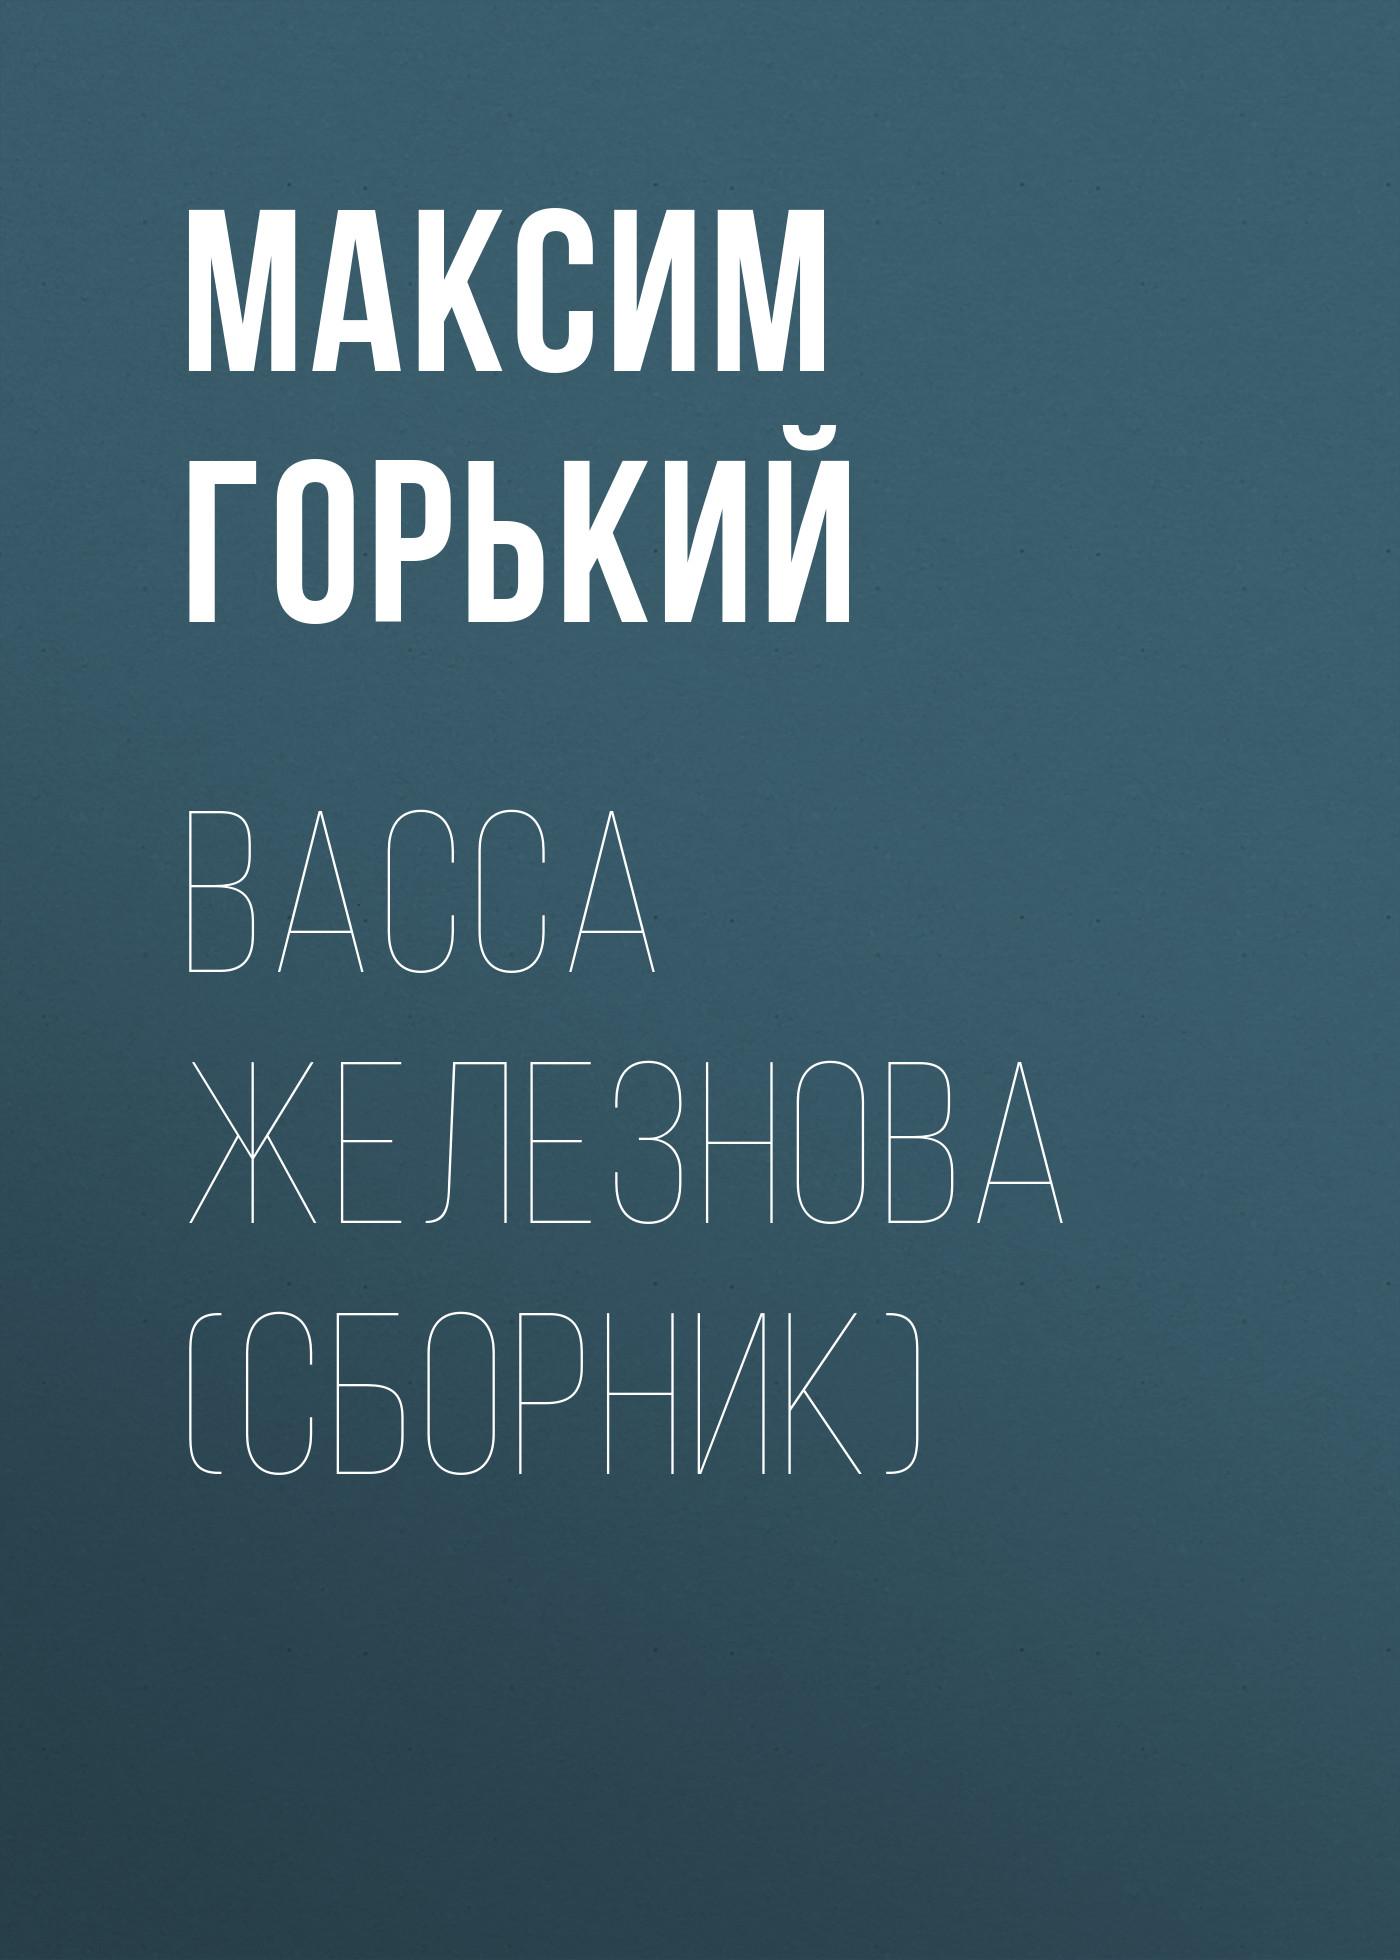 Купить книгу Васса Железнова (сборник), автора Максима Горького